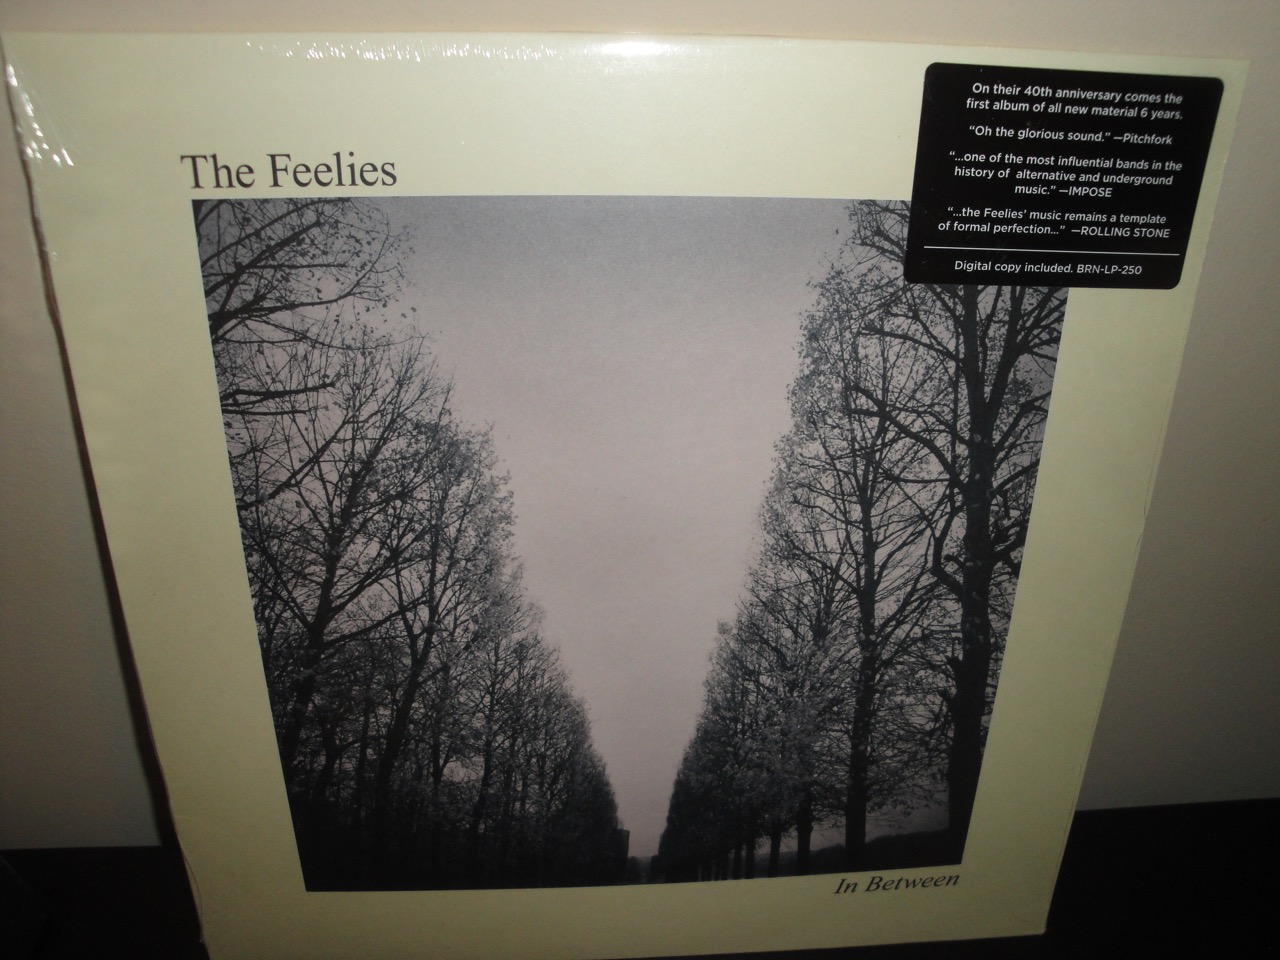 The Feelies - In Between - 2017 Vinyl LP with Digital Download